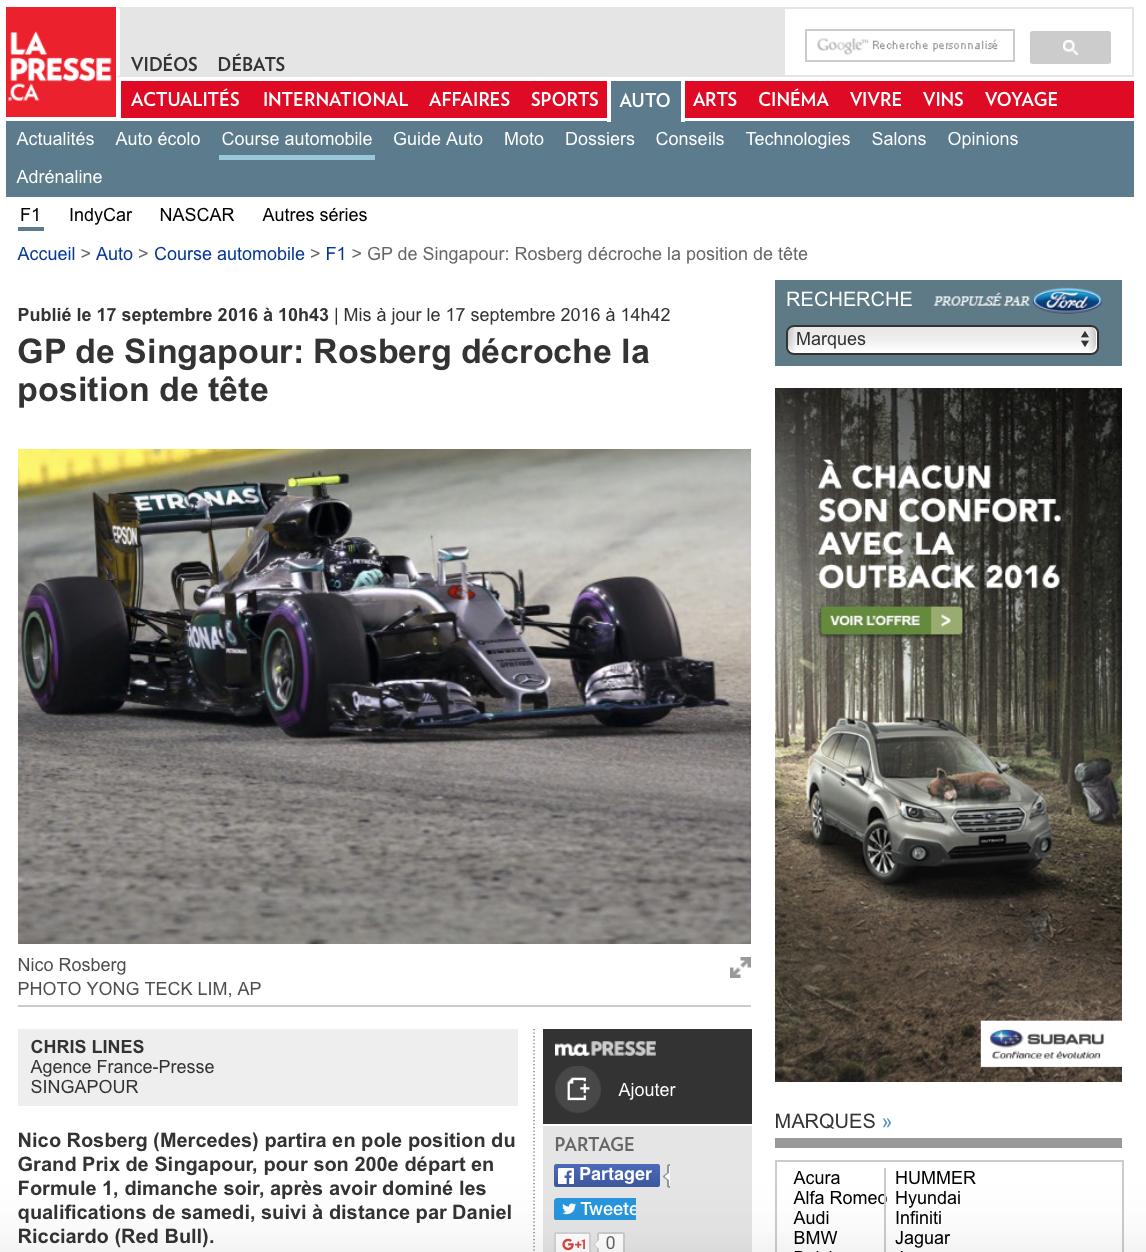 F1 Singapore Grand Prix for the Associated Press (www.apimages.com)